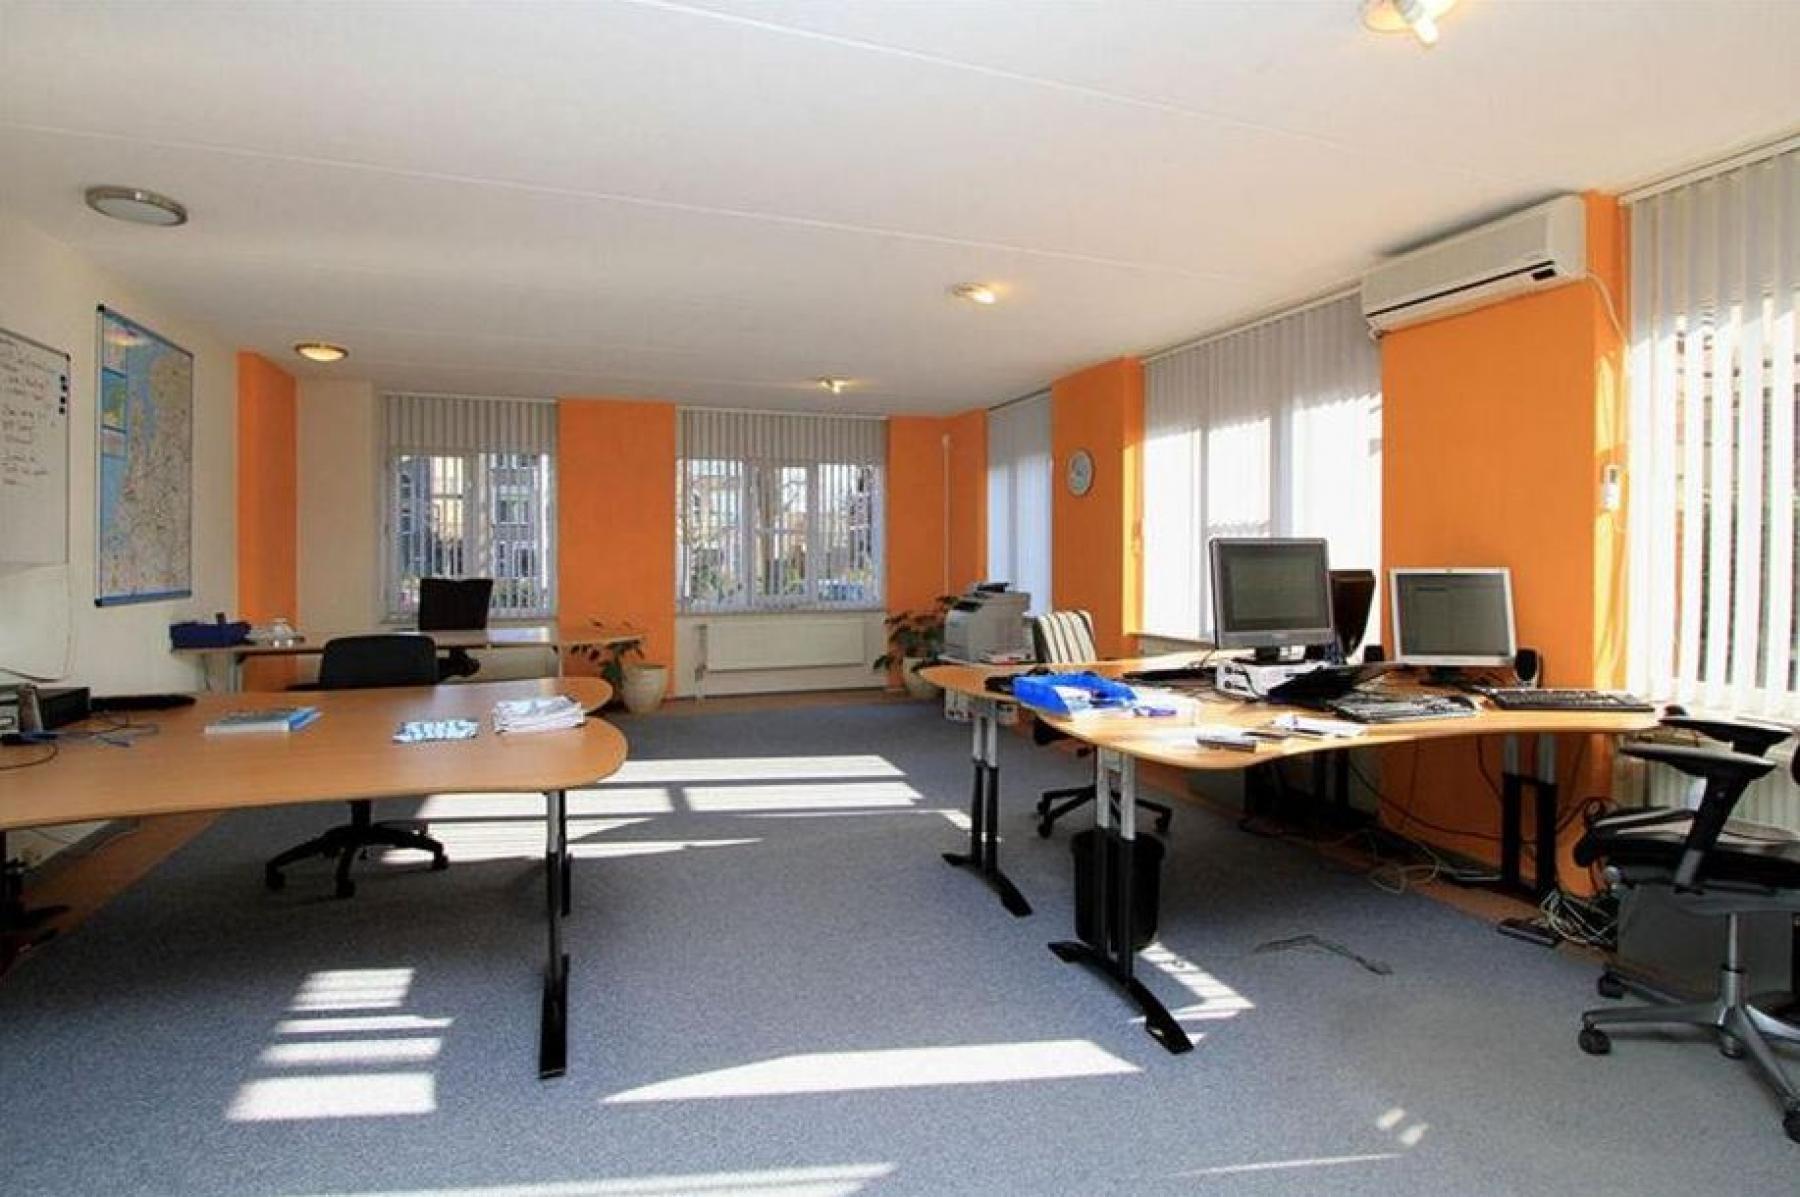 ingerichte gemeubileerde kantoorkamer apeldoorn arnhemseweg bureau's tafels stoelen printer ramen vloerbedekking uitzicht muren